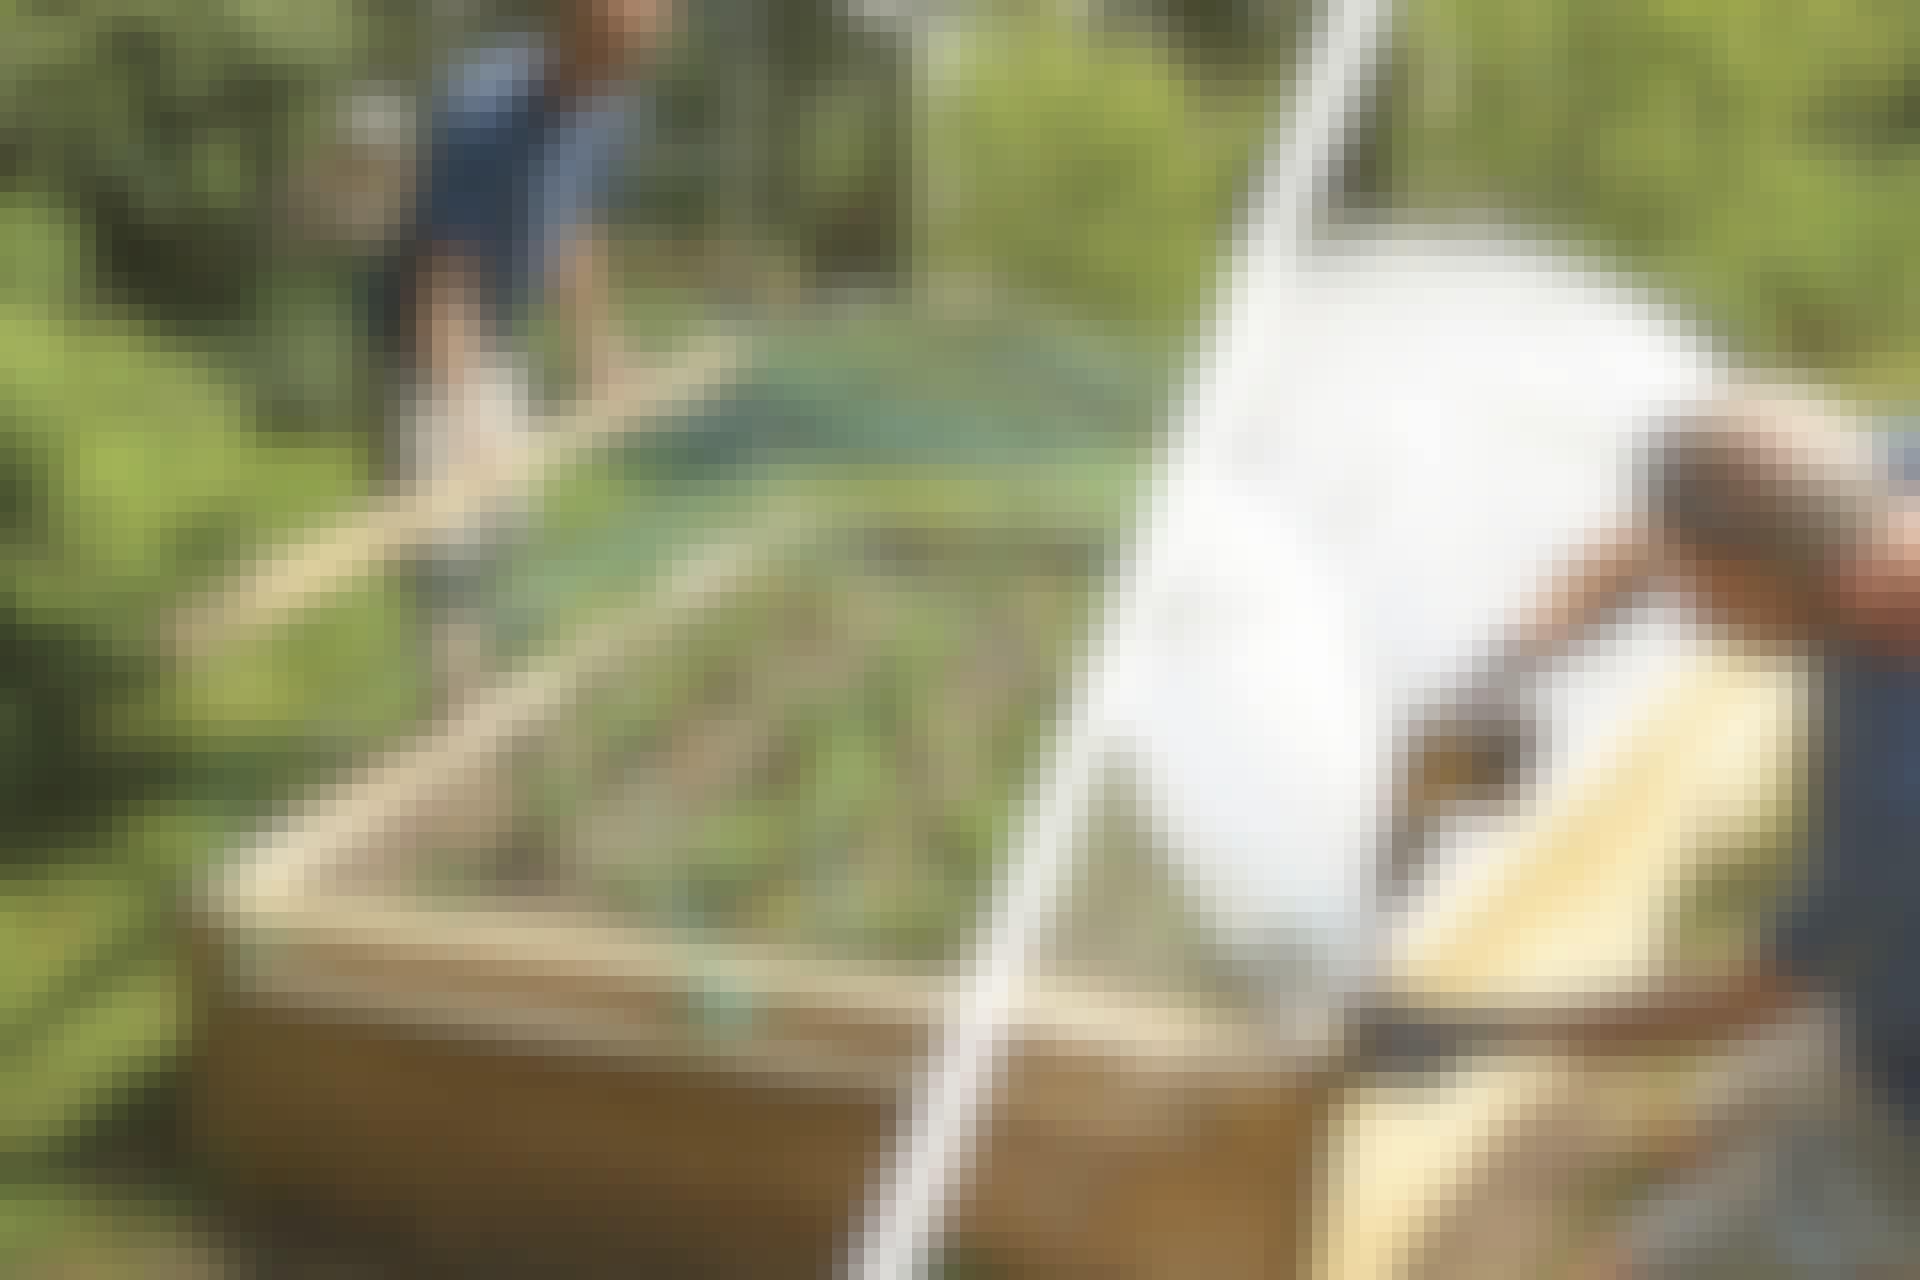 Højbed drivhus: Sådan bygger du et drivhus til højbed